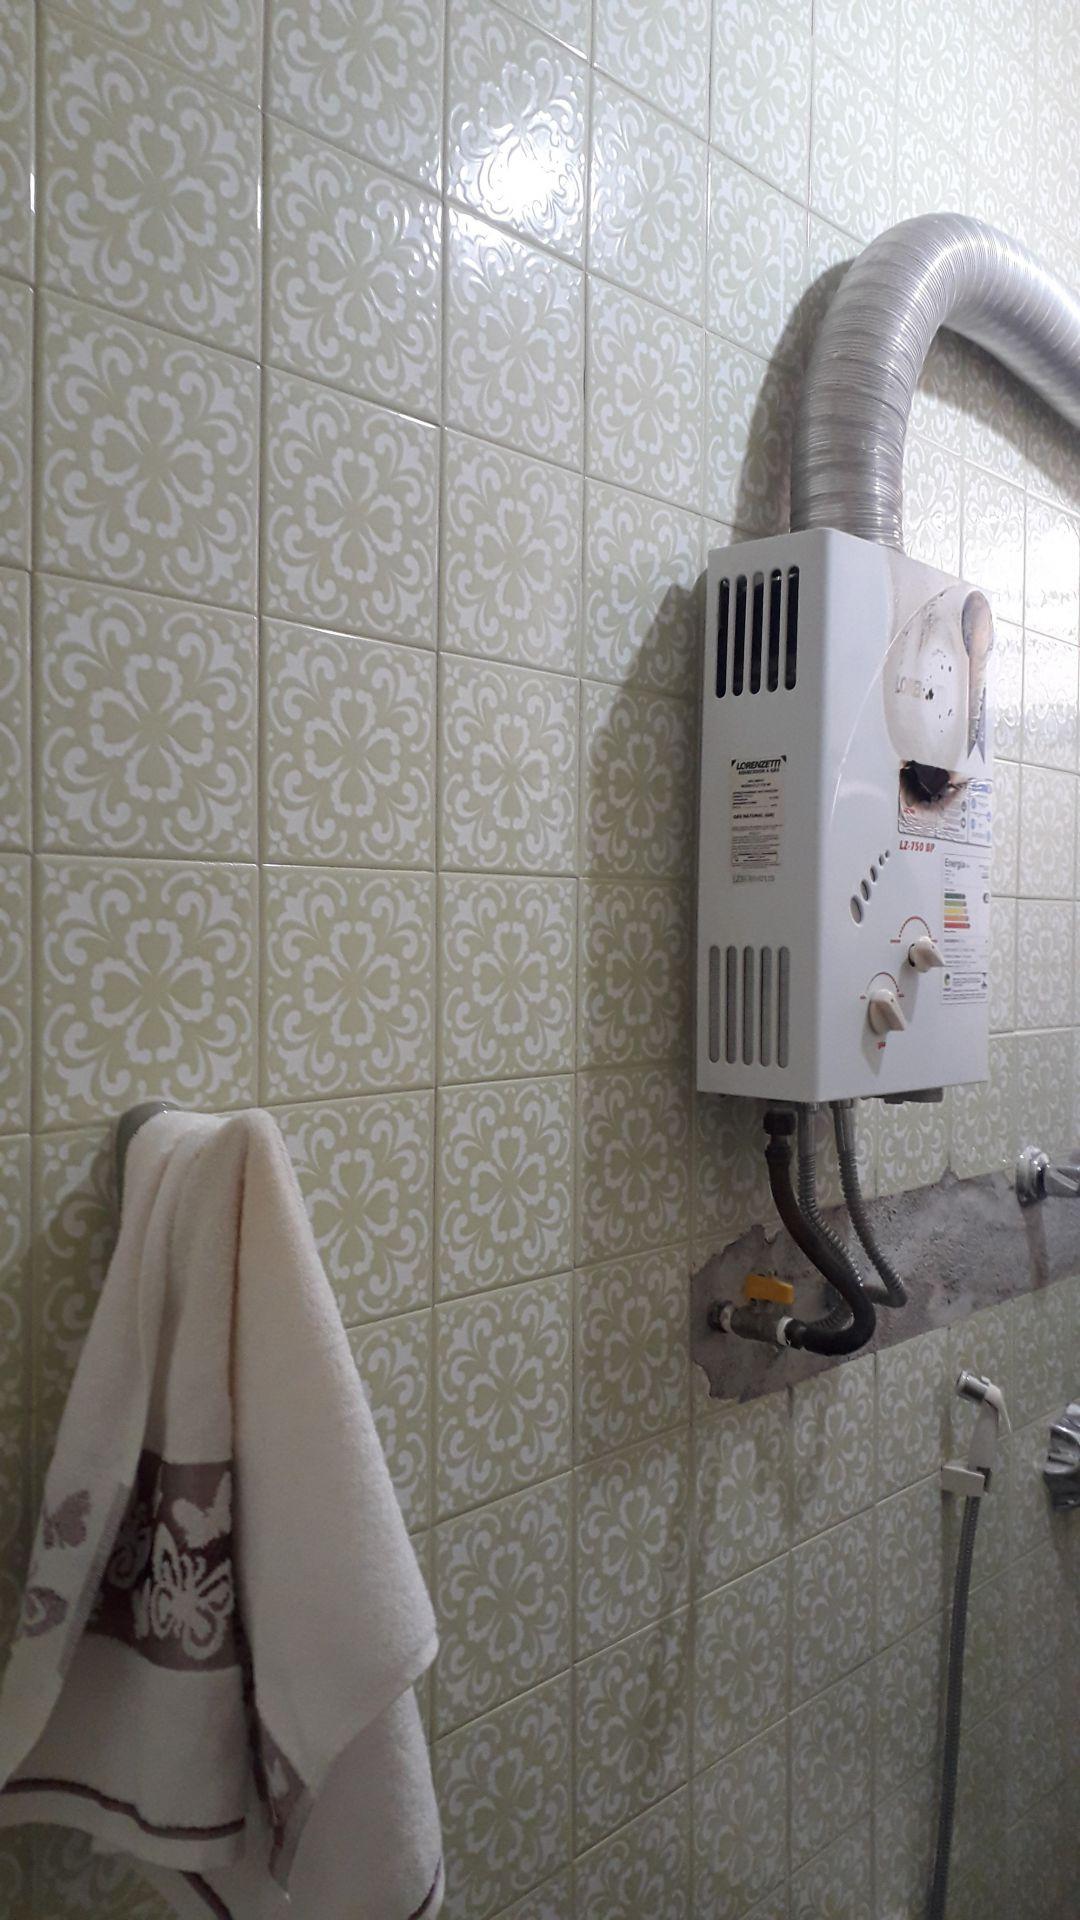 BANHEIRO - Apartamento Rua visconde de santa isabel,Grajaú, Grajaú,Rio de Janeiro, RJ À Venda, 2 Quartos, 59m² - 000484 - 16